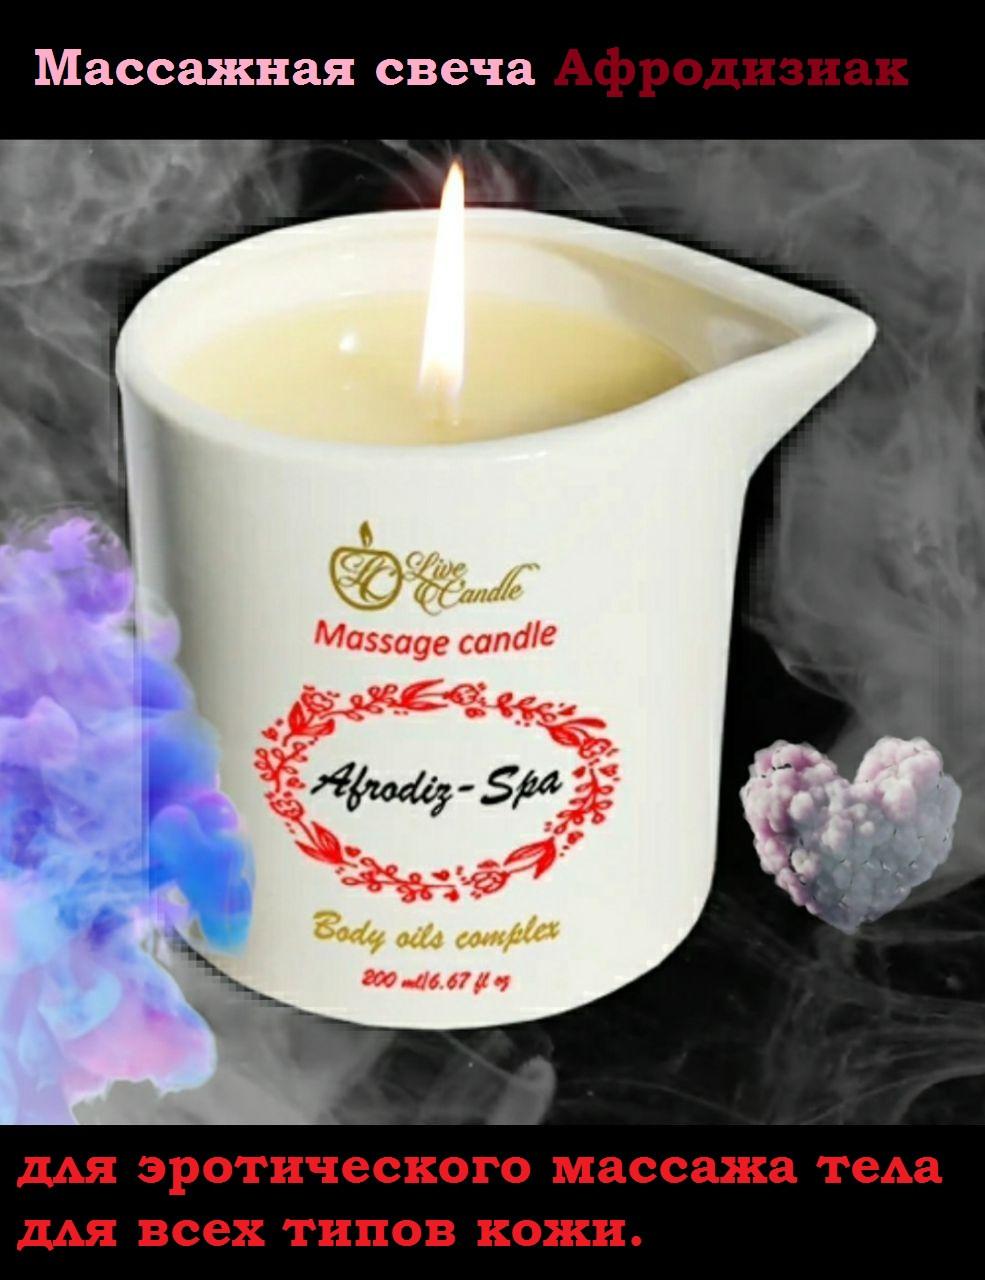 Массажная свеча Live Candle Афродизиак 200 мл (Afrodiz-Spa) для всех типов кожи